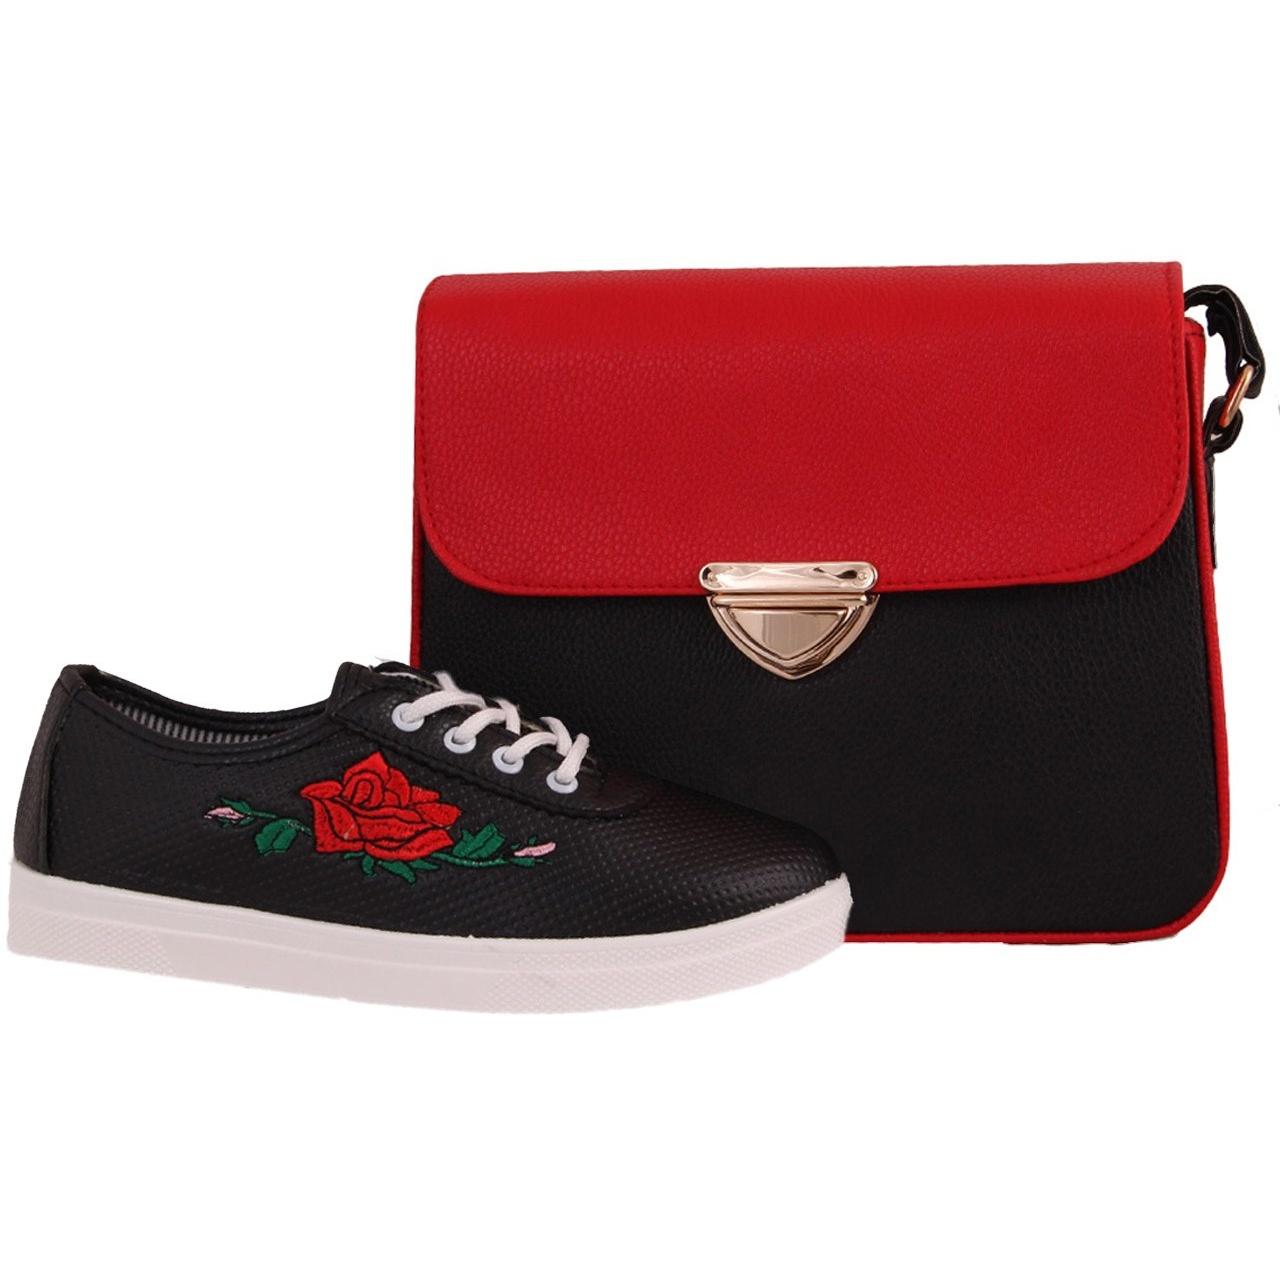 ست کیف و کفش زنانه دوک مدل 1-312-39053